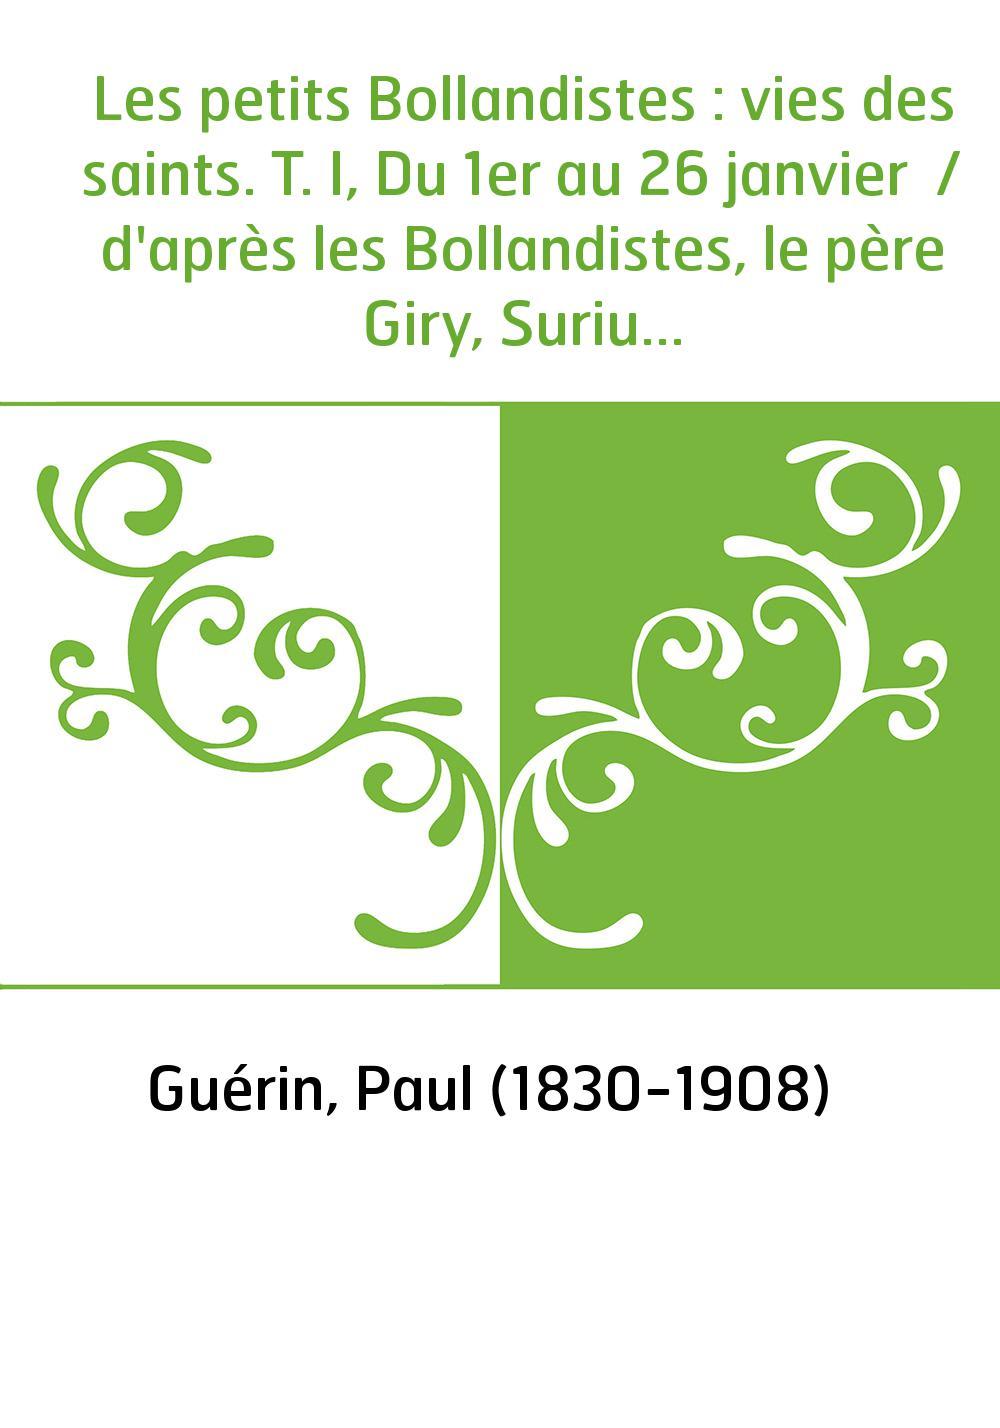 Les petits Bollandistes : vies des saints. T. I, Du 1er au 26 janvier / d'après les Bollandistes, le père Giry, Surius... , par